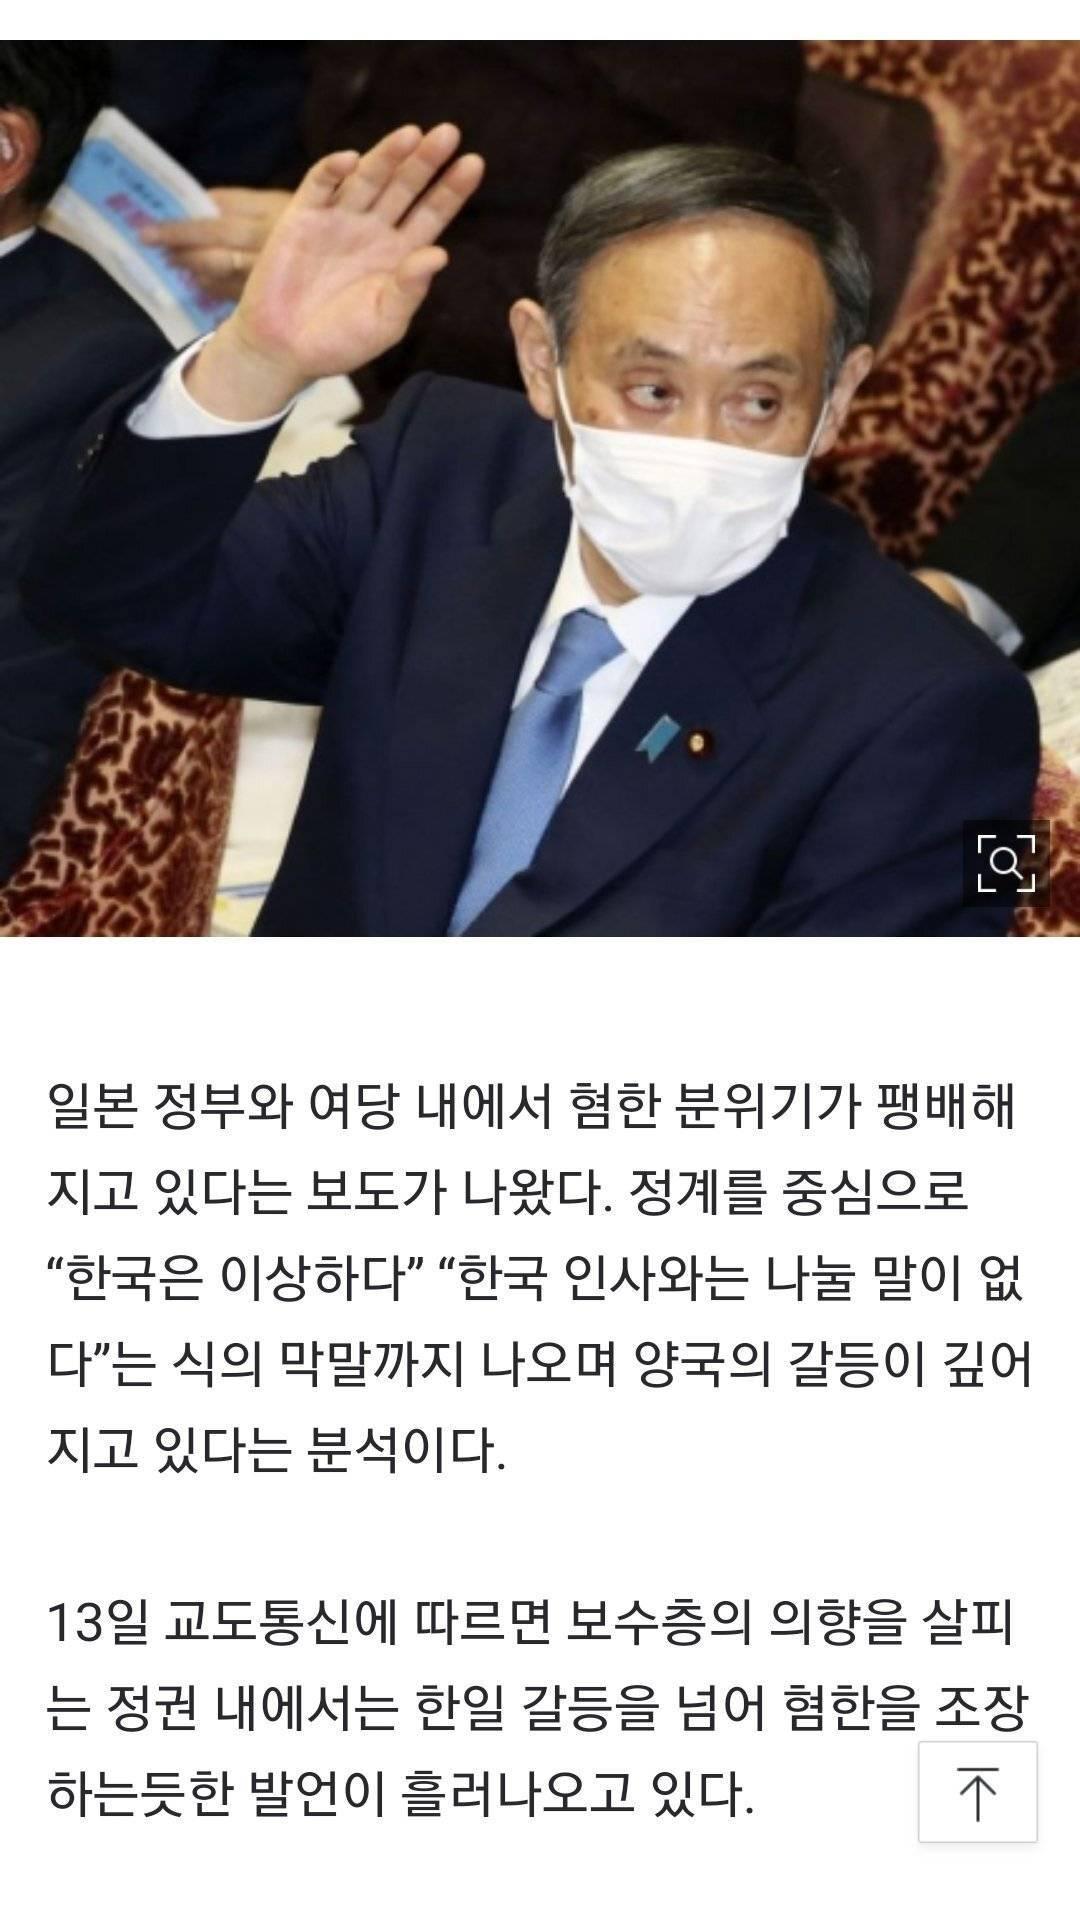 """일본 """"한국, 태도 안고치면 앞으로 상대 안하겠다"""" 선포   인스티즈"""